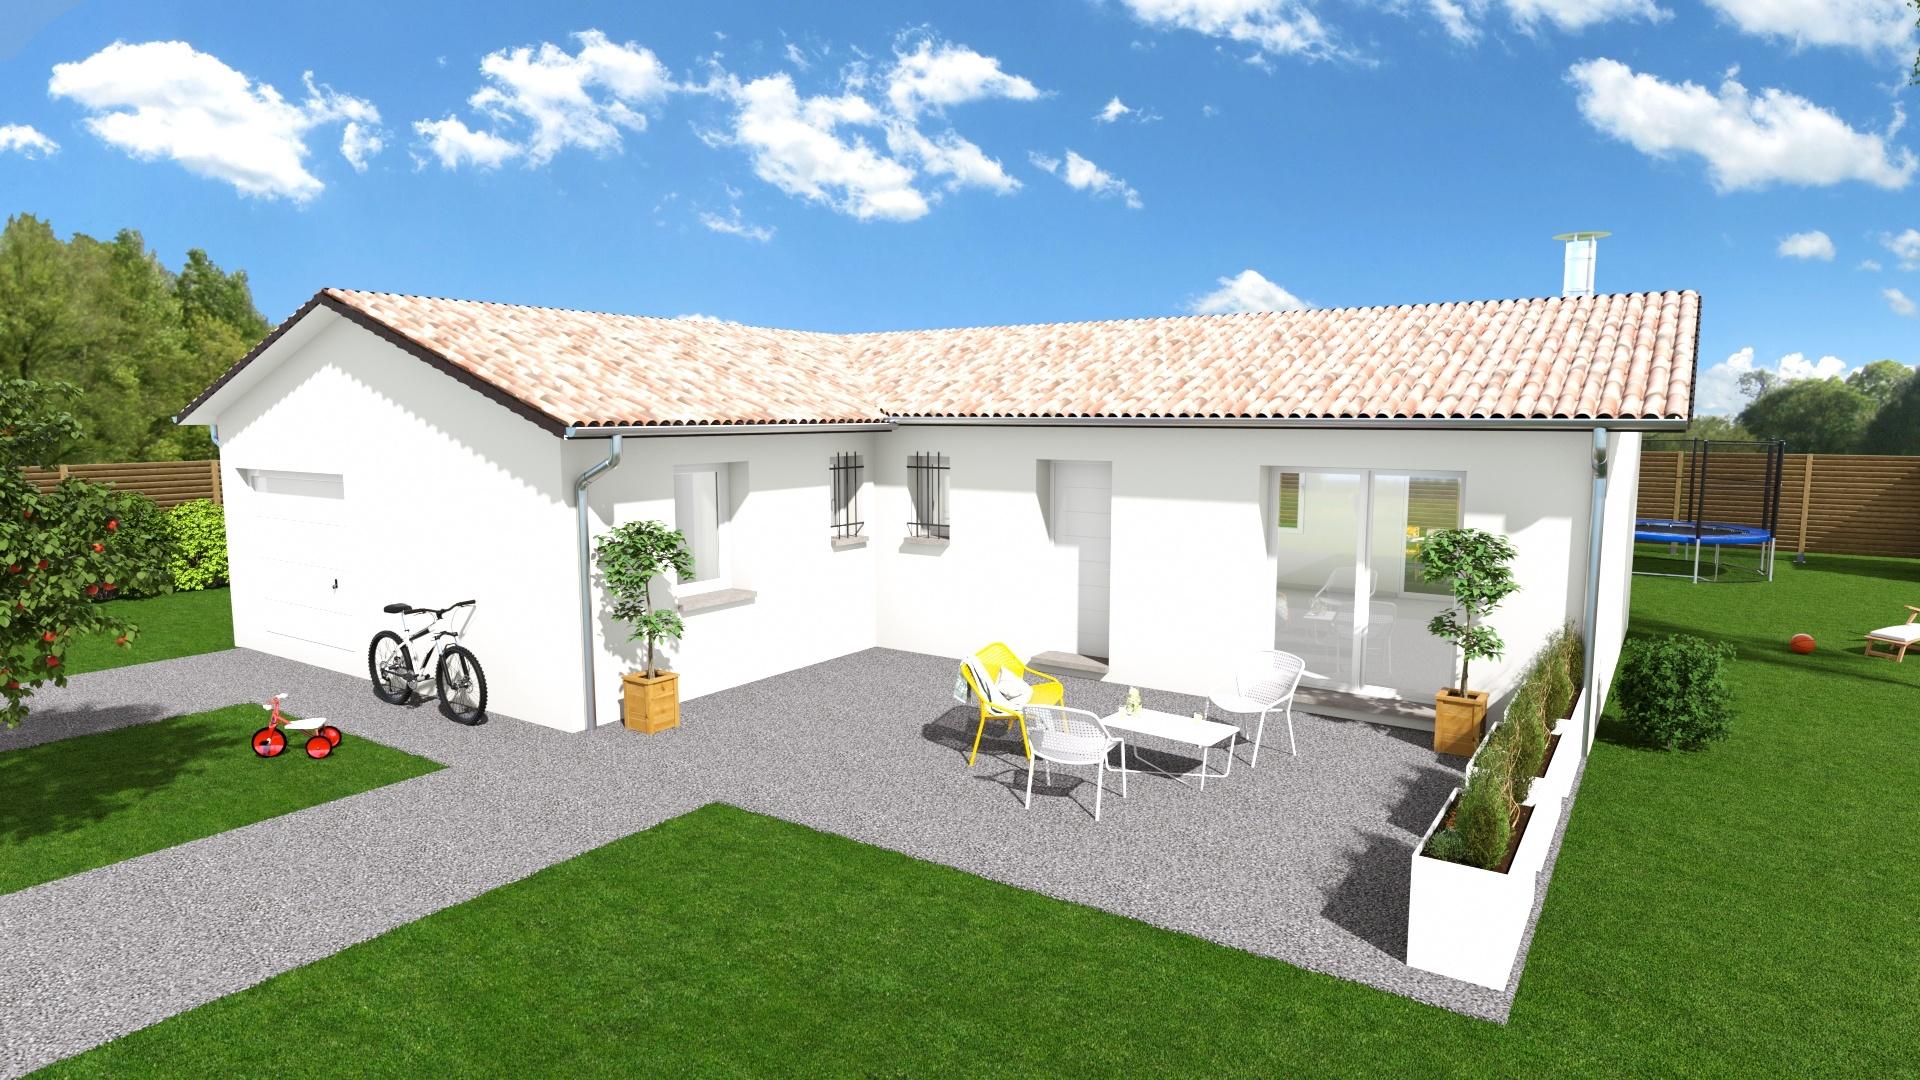 Maisons + Terrains du constructeur Maison Familiale Toulouse • 116 m² • BOURG SAINT BERNARD